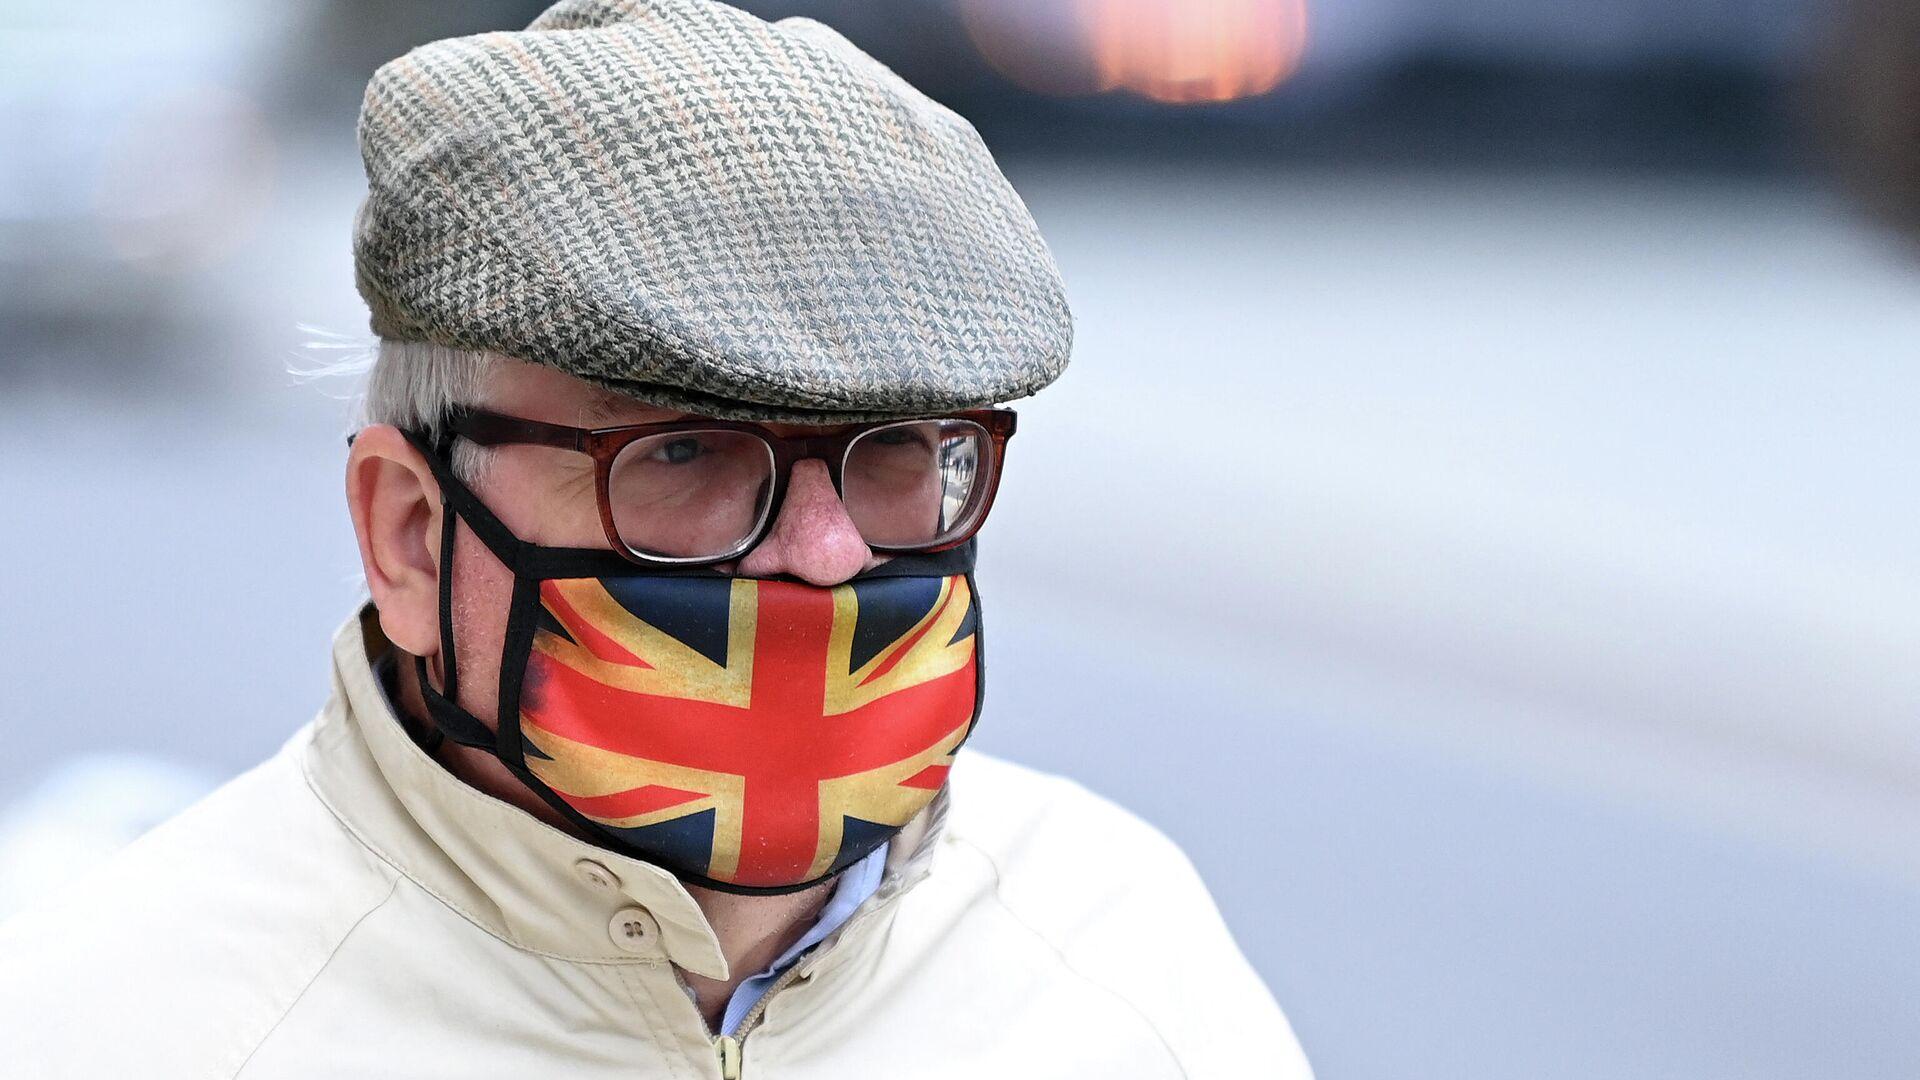 Βρετανός με μάσκα στο Λονδίνο - Sputnik Ελλάδα, 1920, 12.10.2021